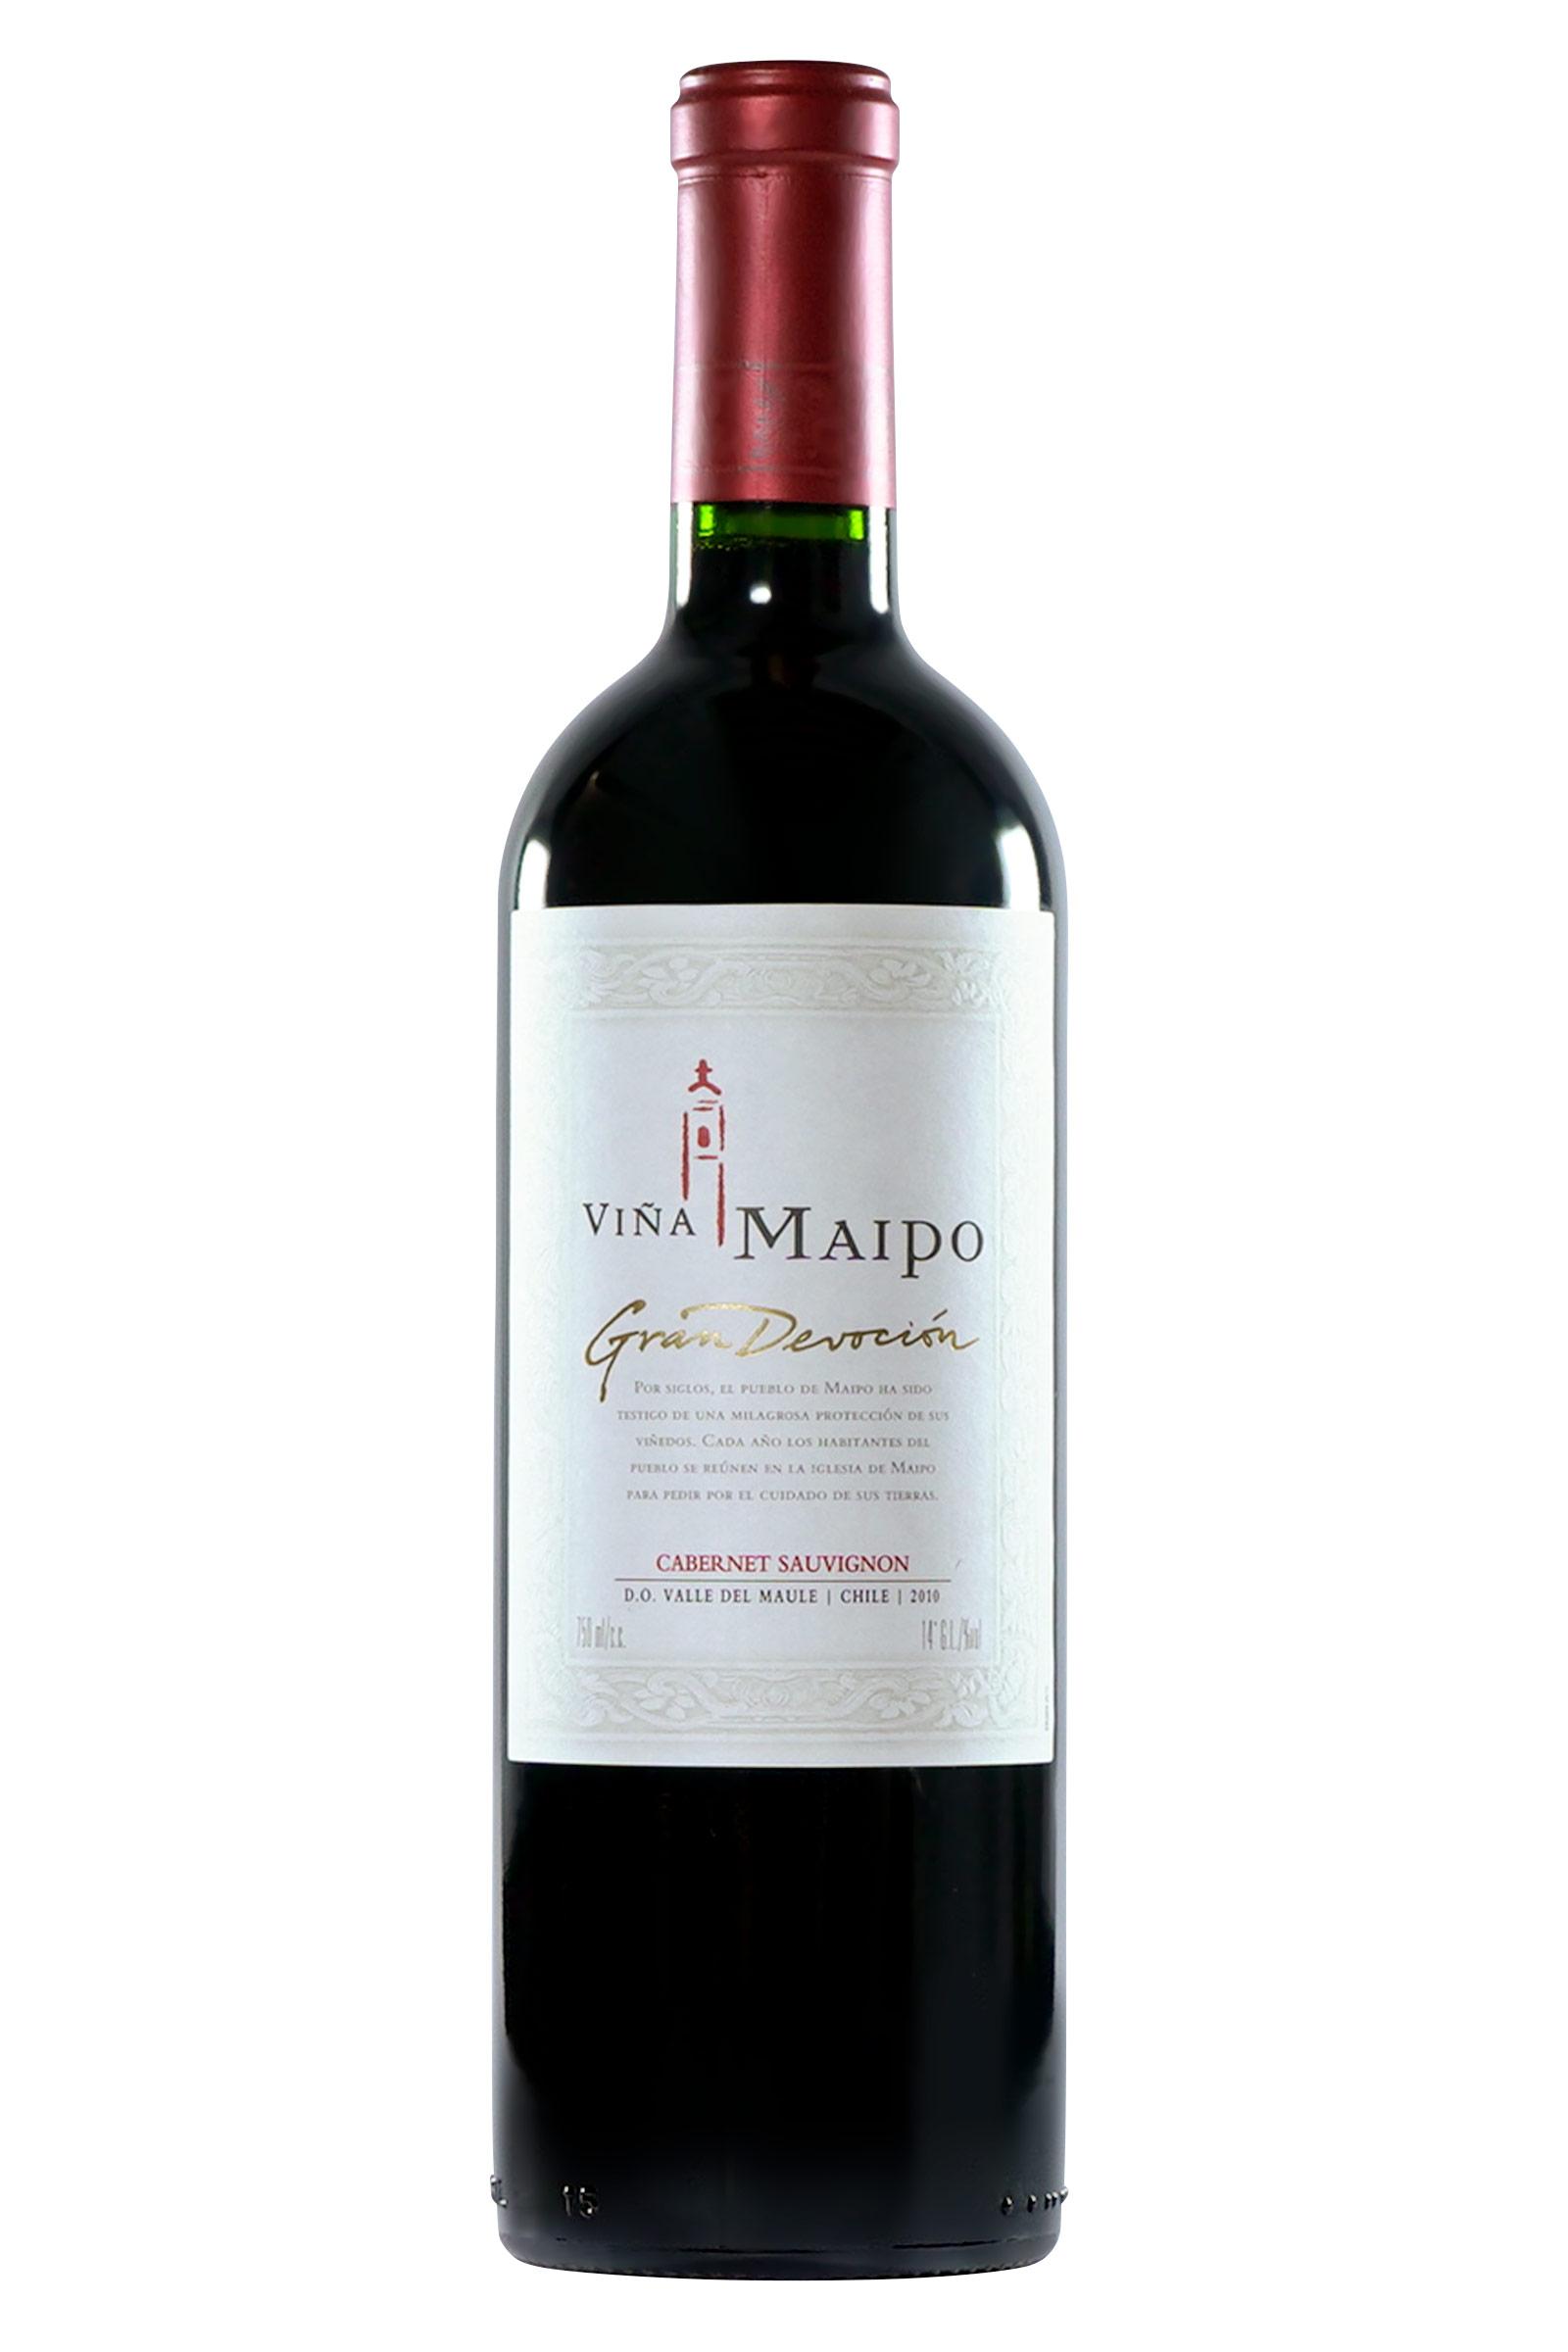 Vino Maipo Gran Devocion Cabernet Sauvignon 750ml